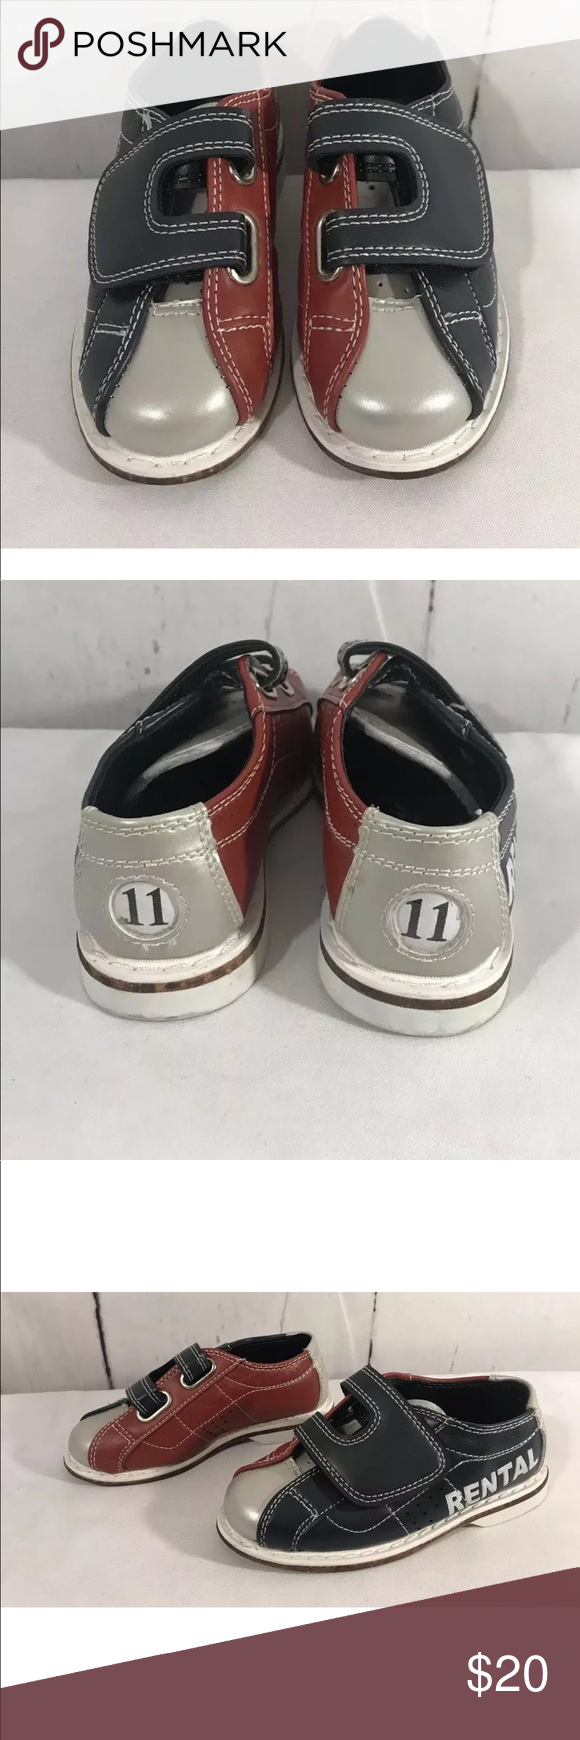 cadd598806ea Classic Rental Hook  amp  Loop Bowling Kids shoes 11 Classic Kids Rental  Product 309007 Blue